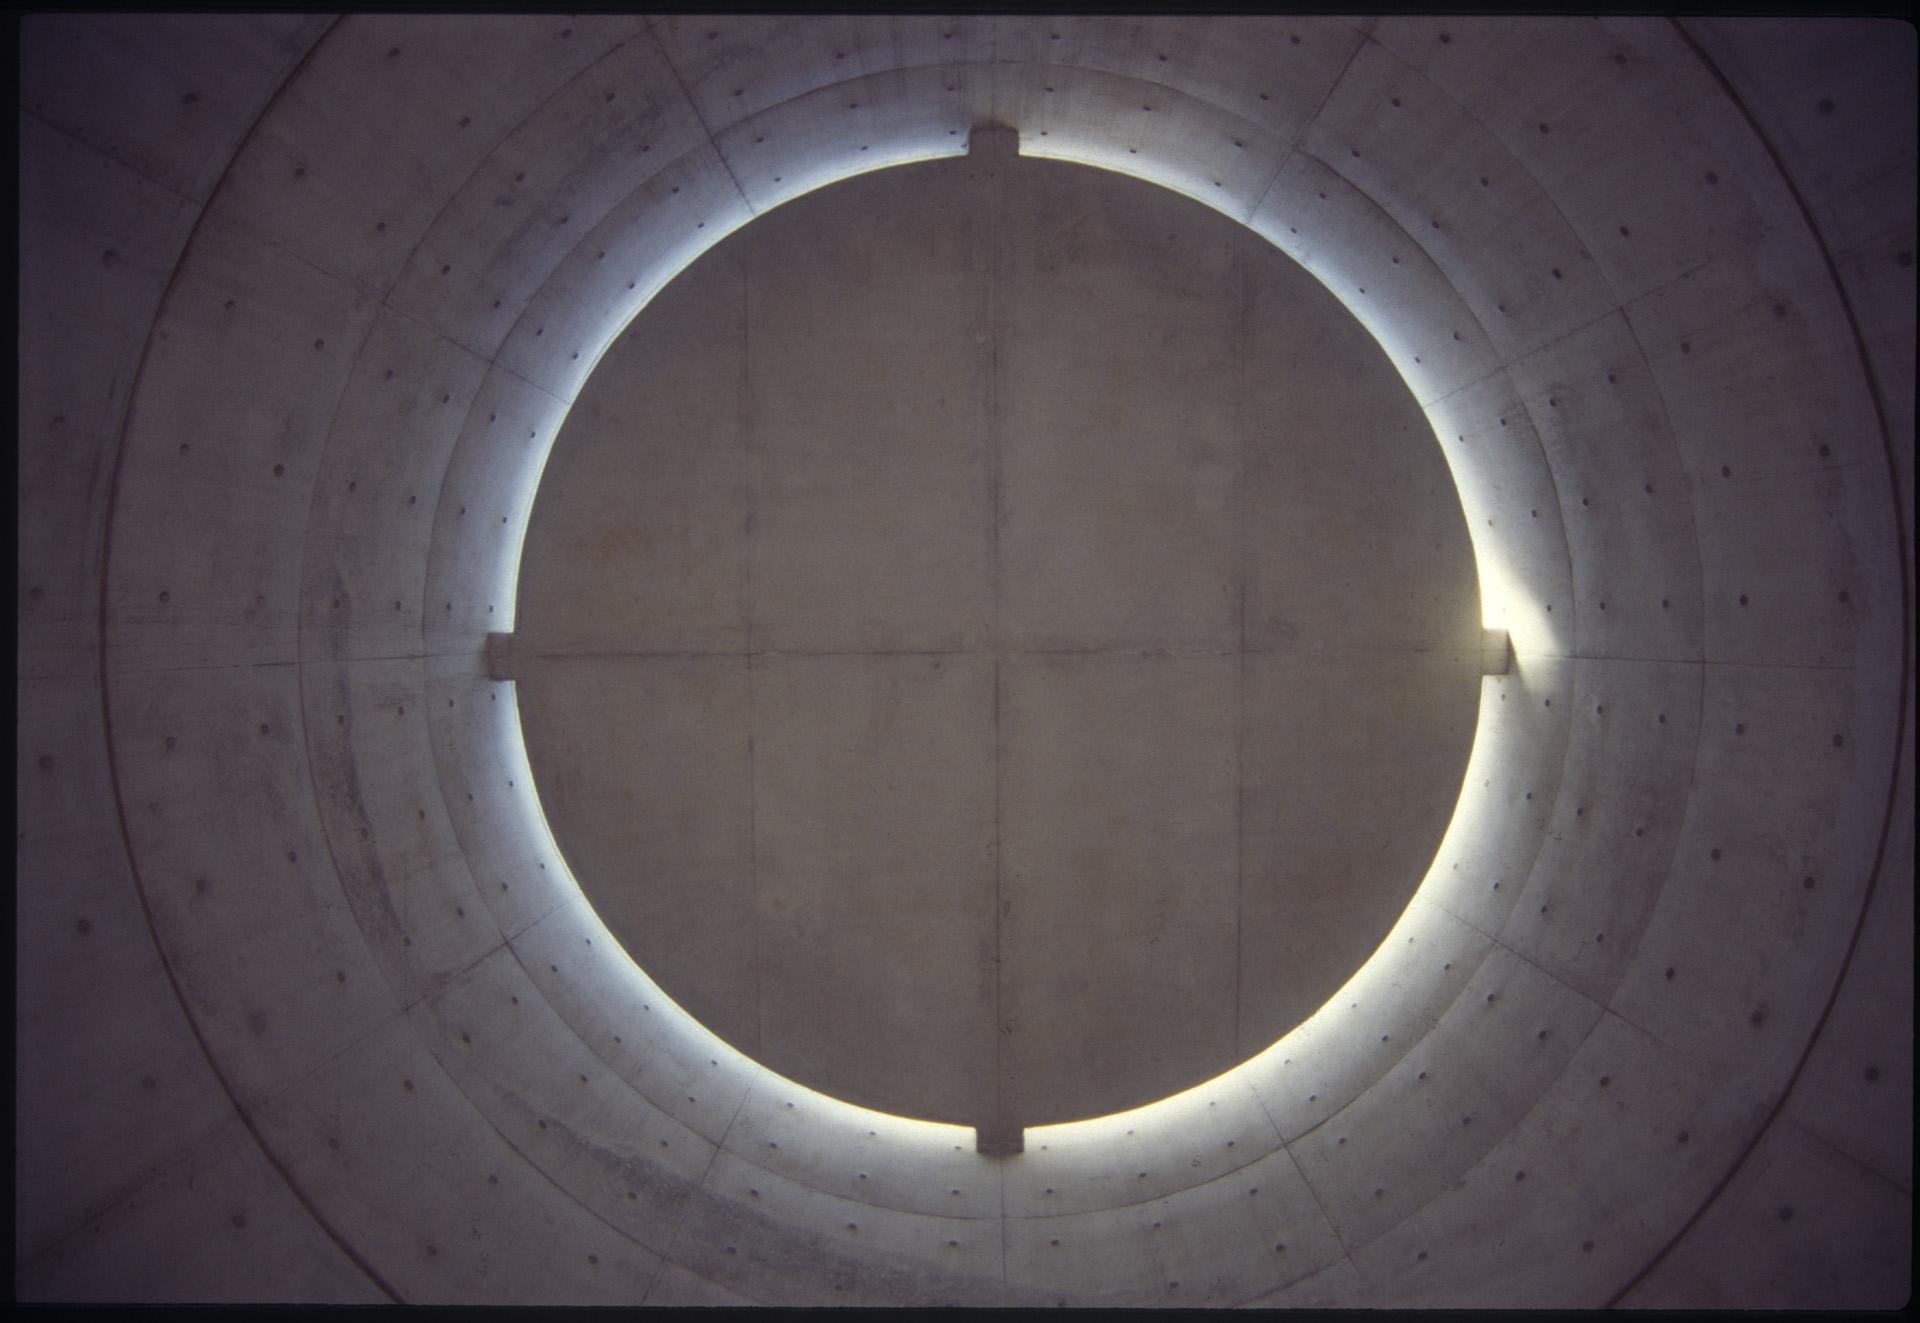 Ando tadao 1941 espace de meditation the unesco - Architecte japonais tadao ando lartiste autodidacte ...